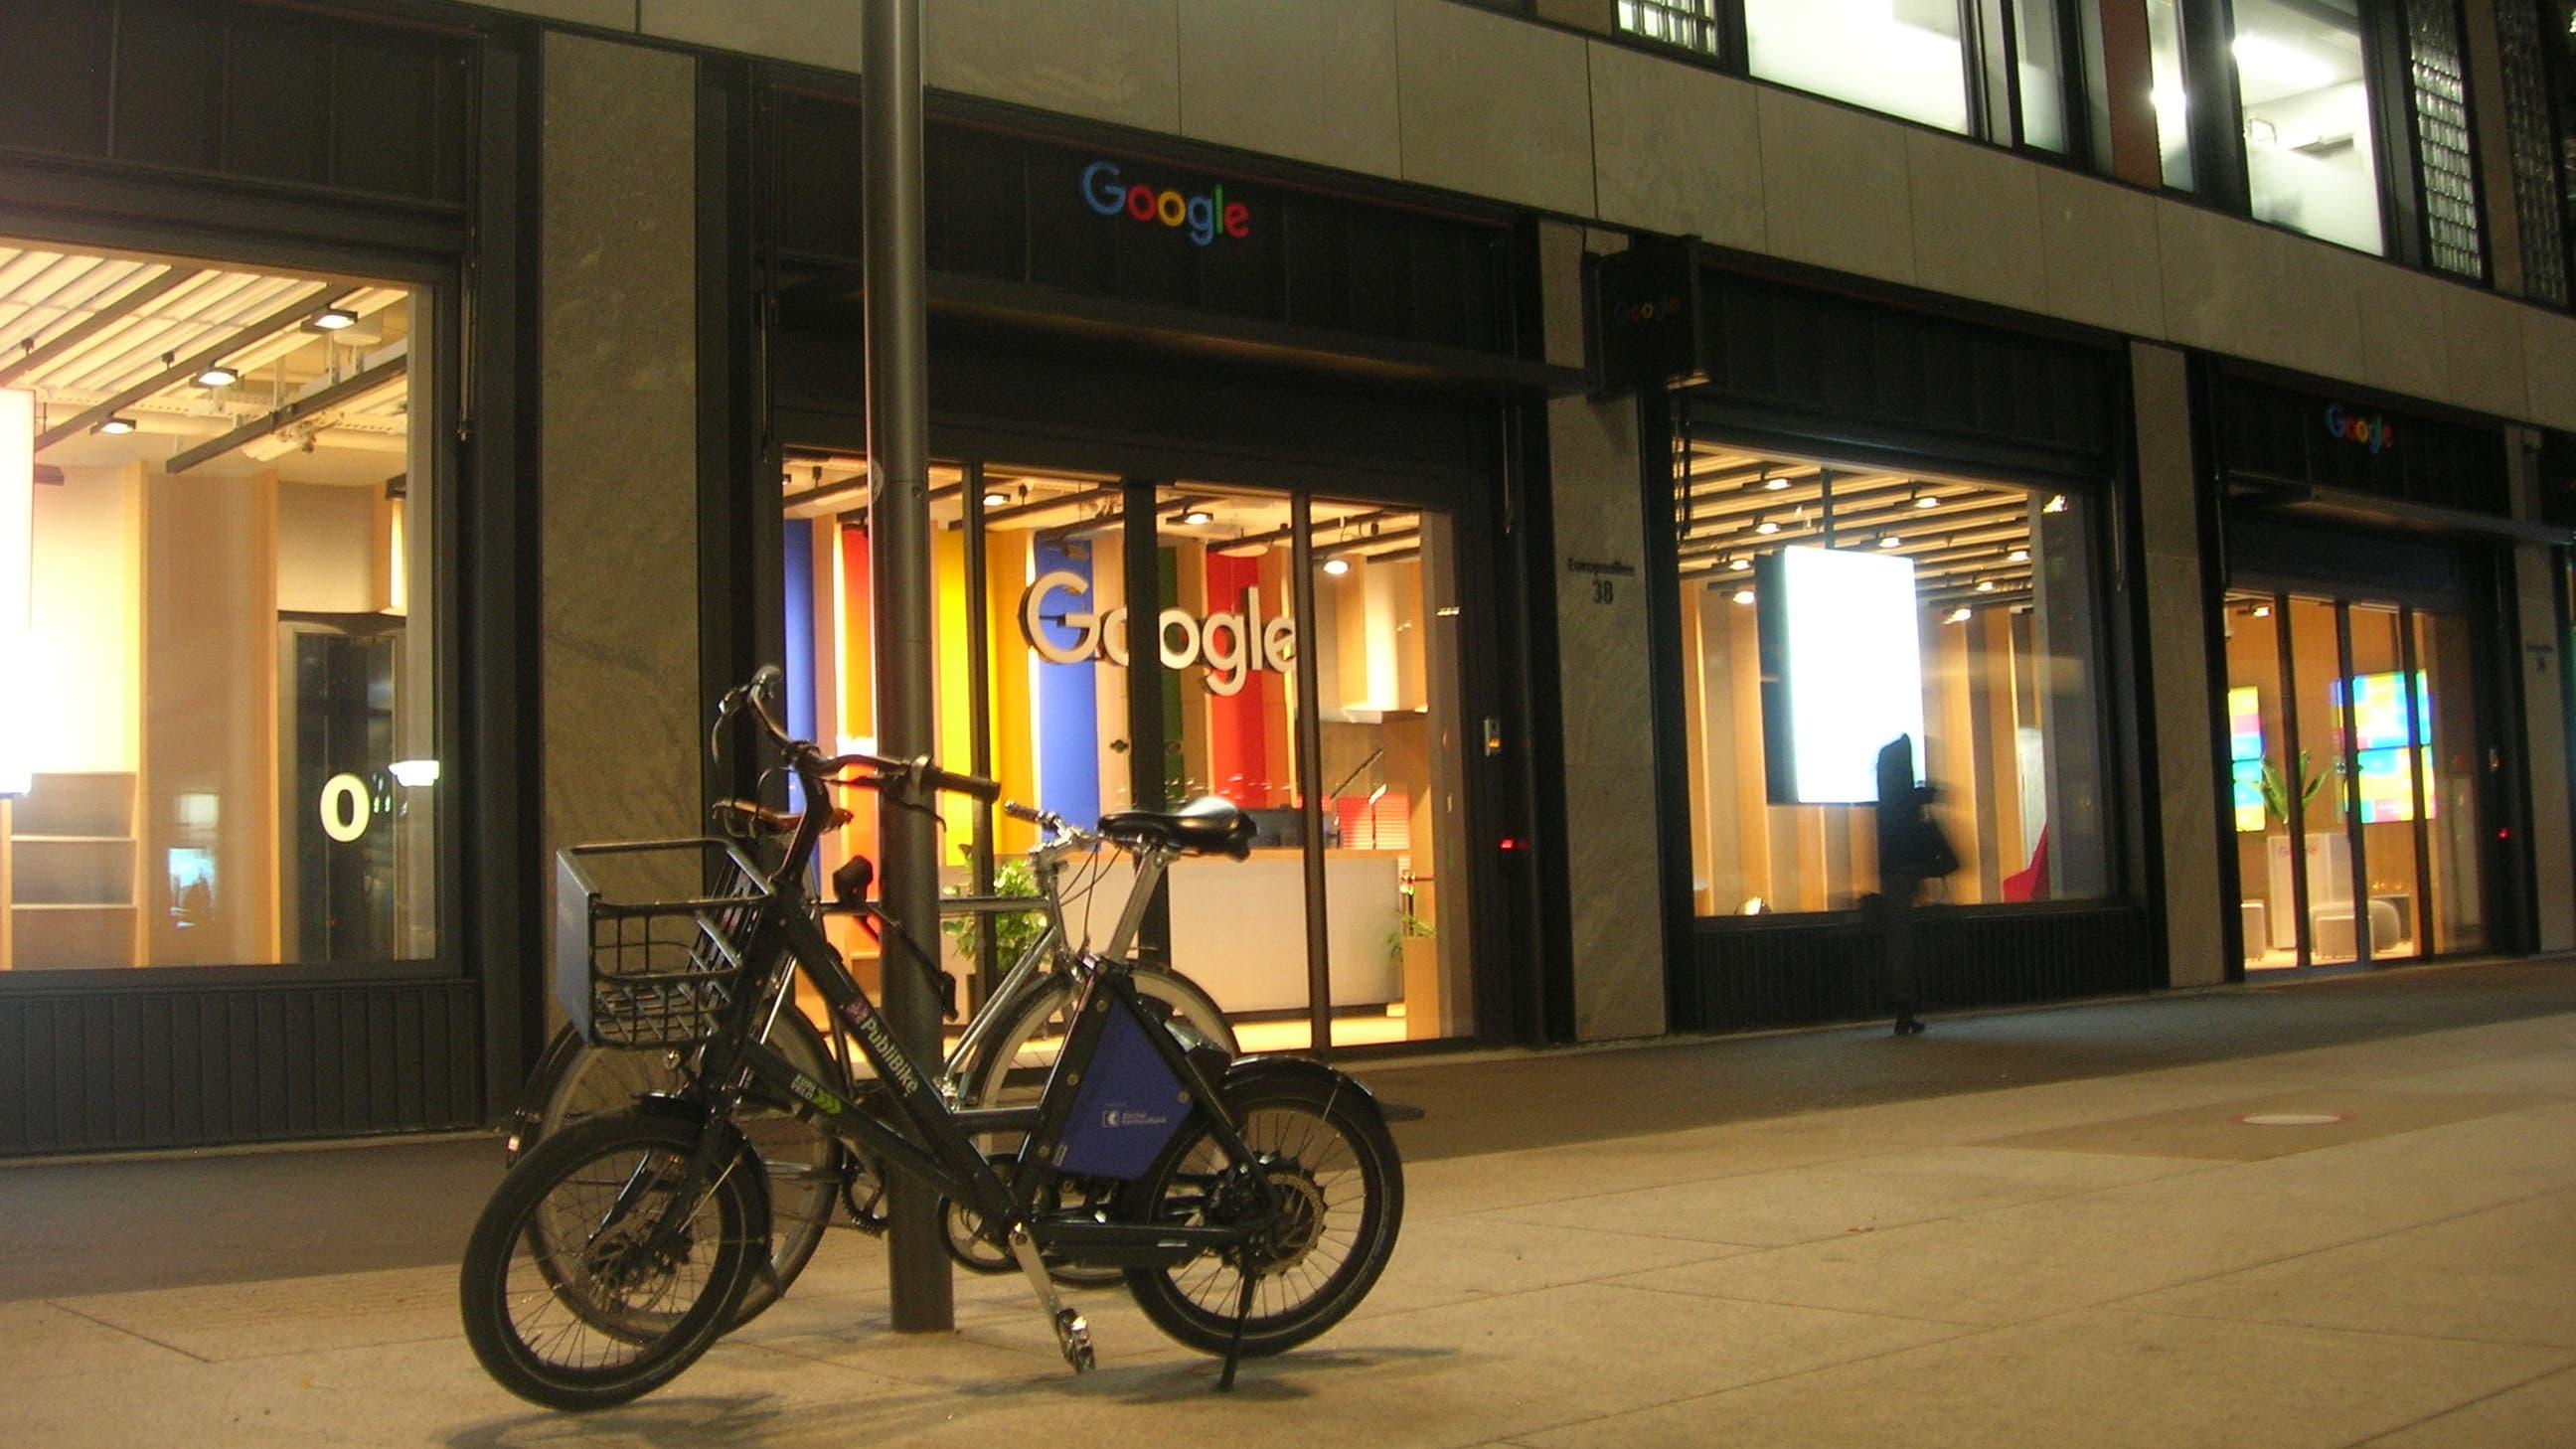 Hauptmieter Google bezieht ein Haus nach dem anderen.